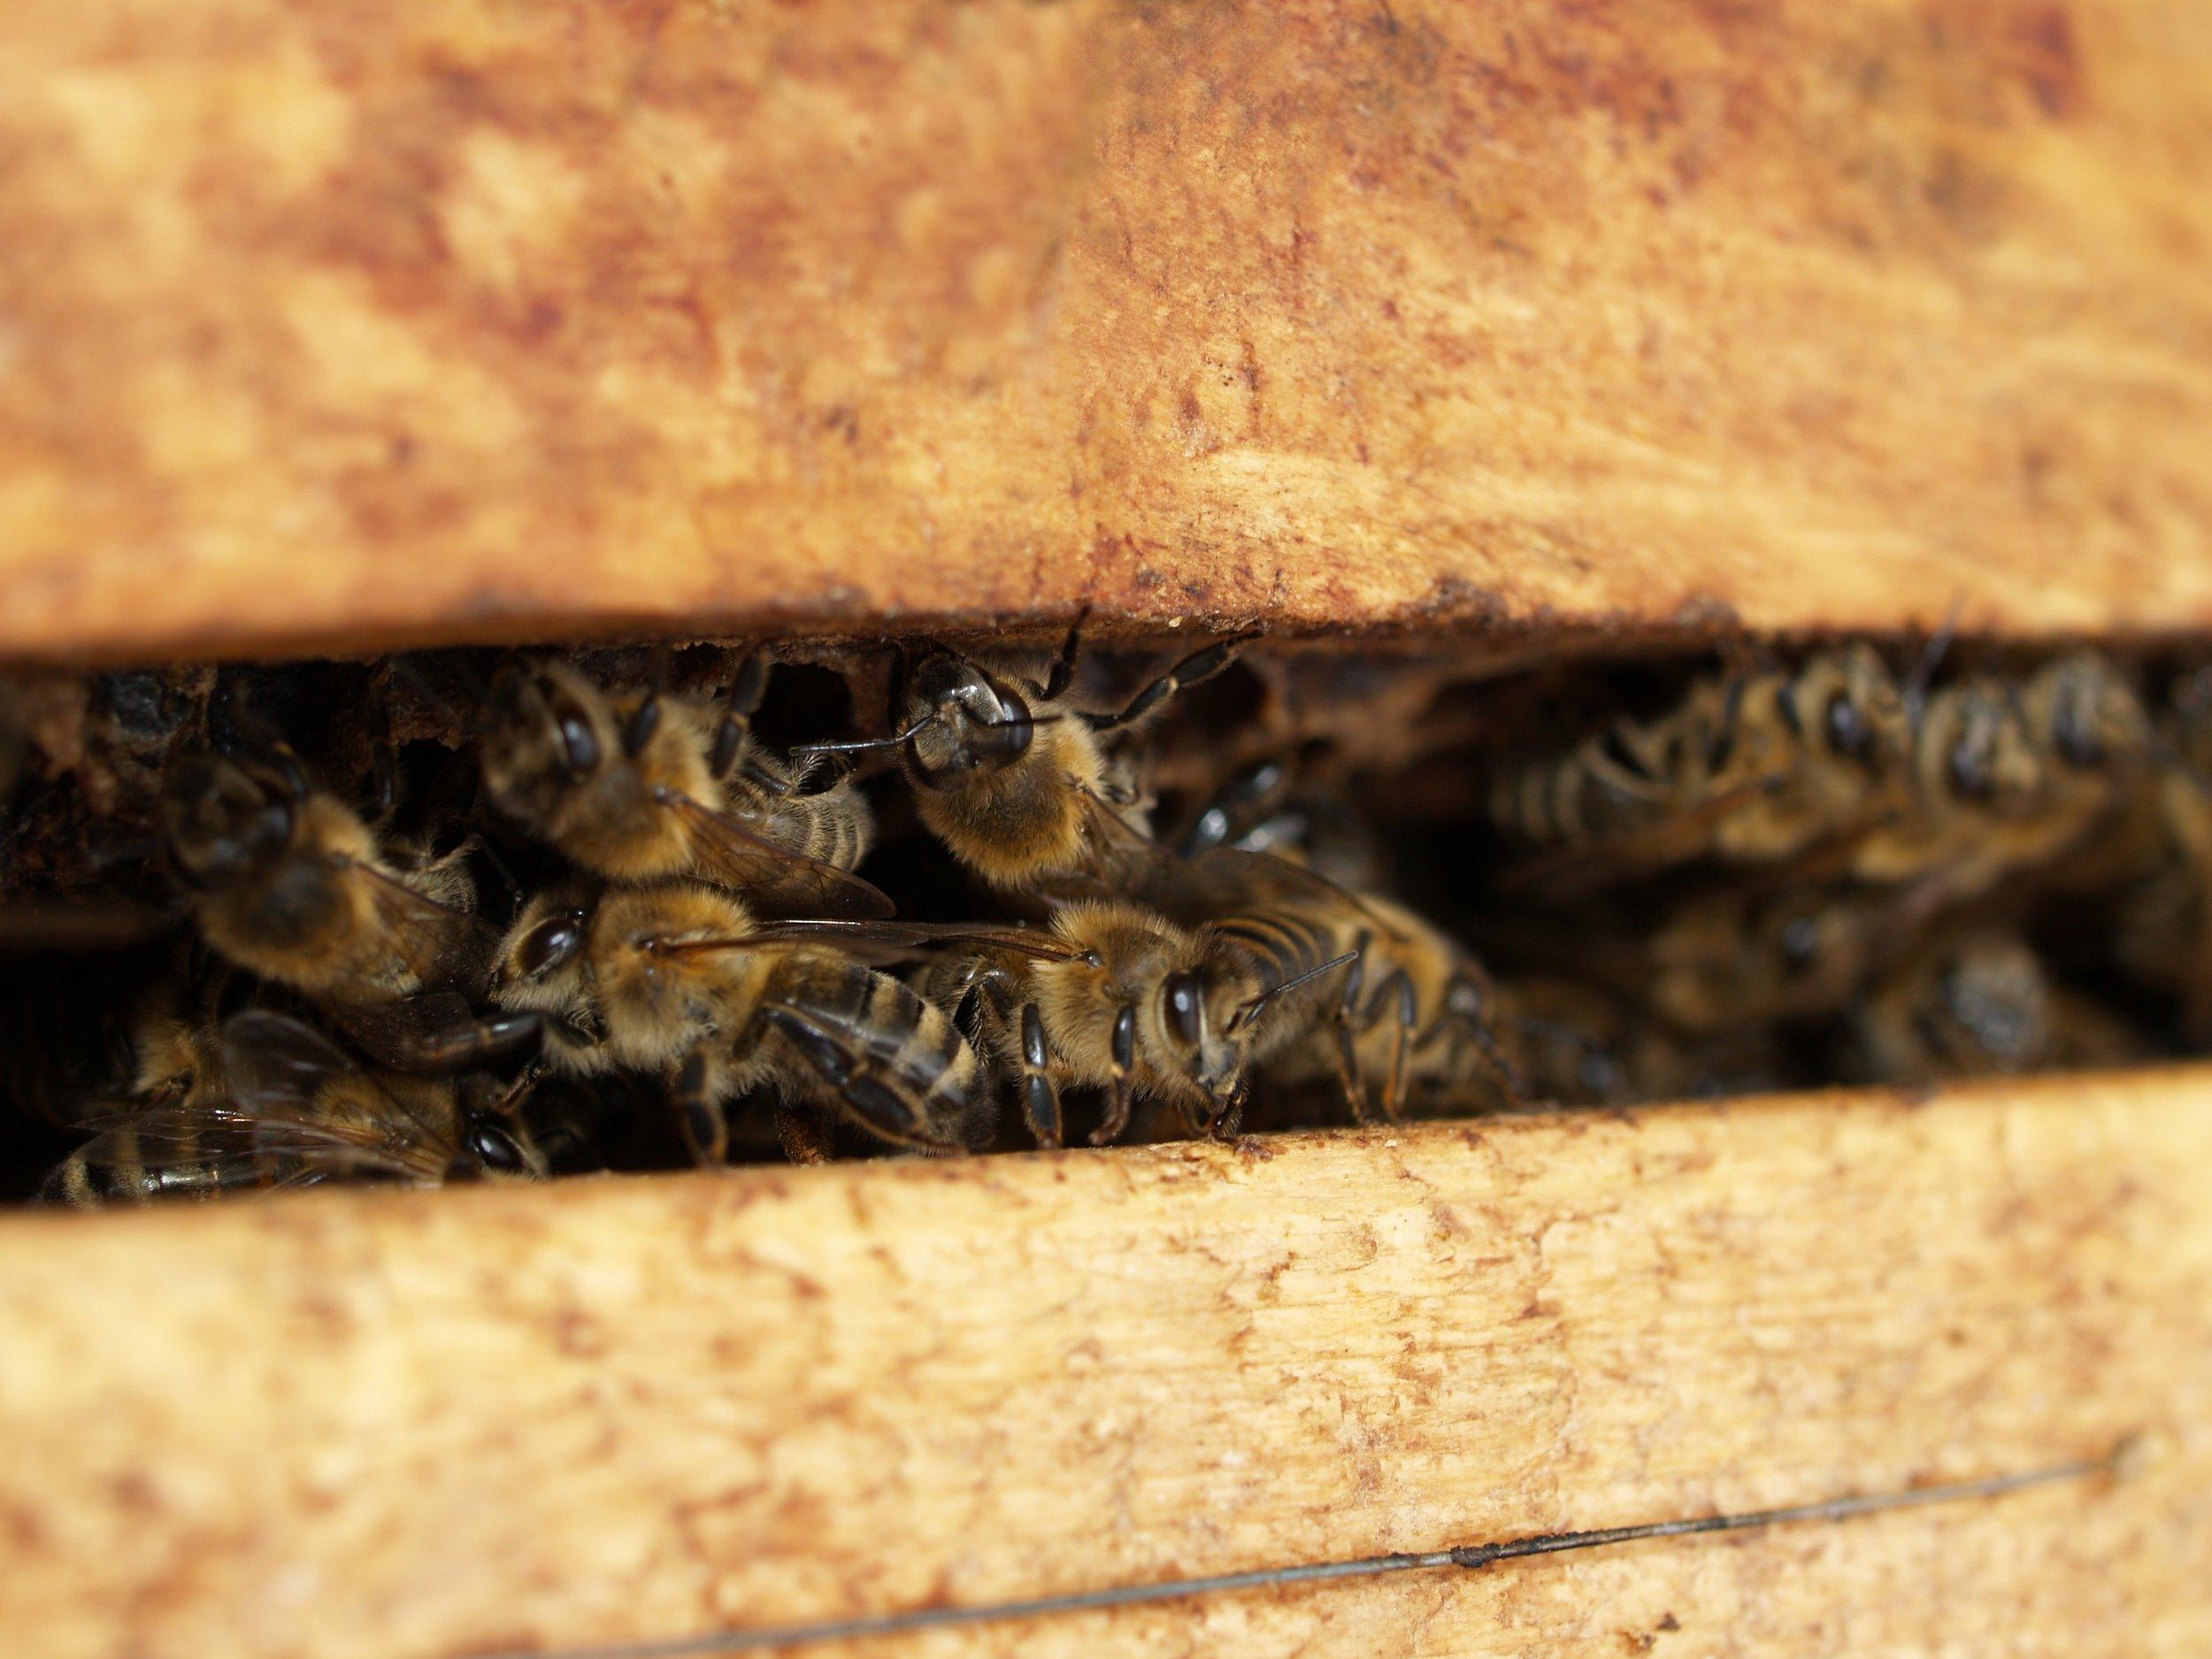 bee-bees-close-up-702931.jpg